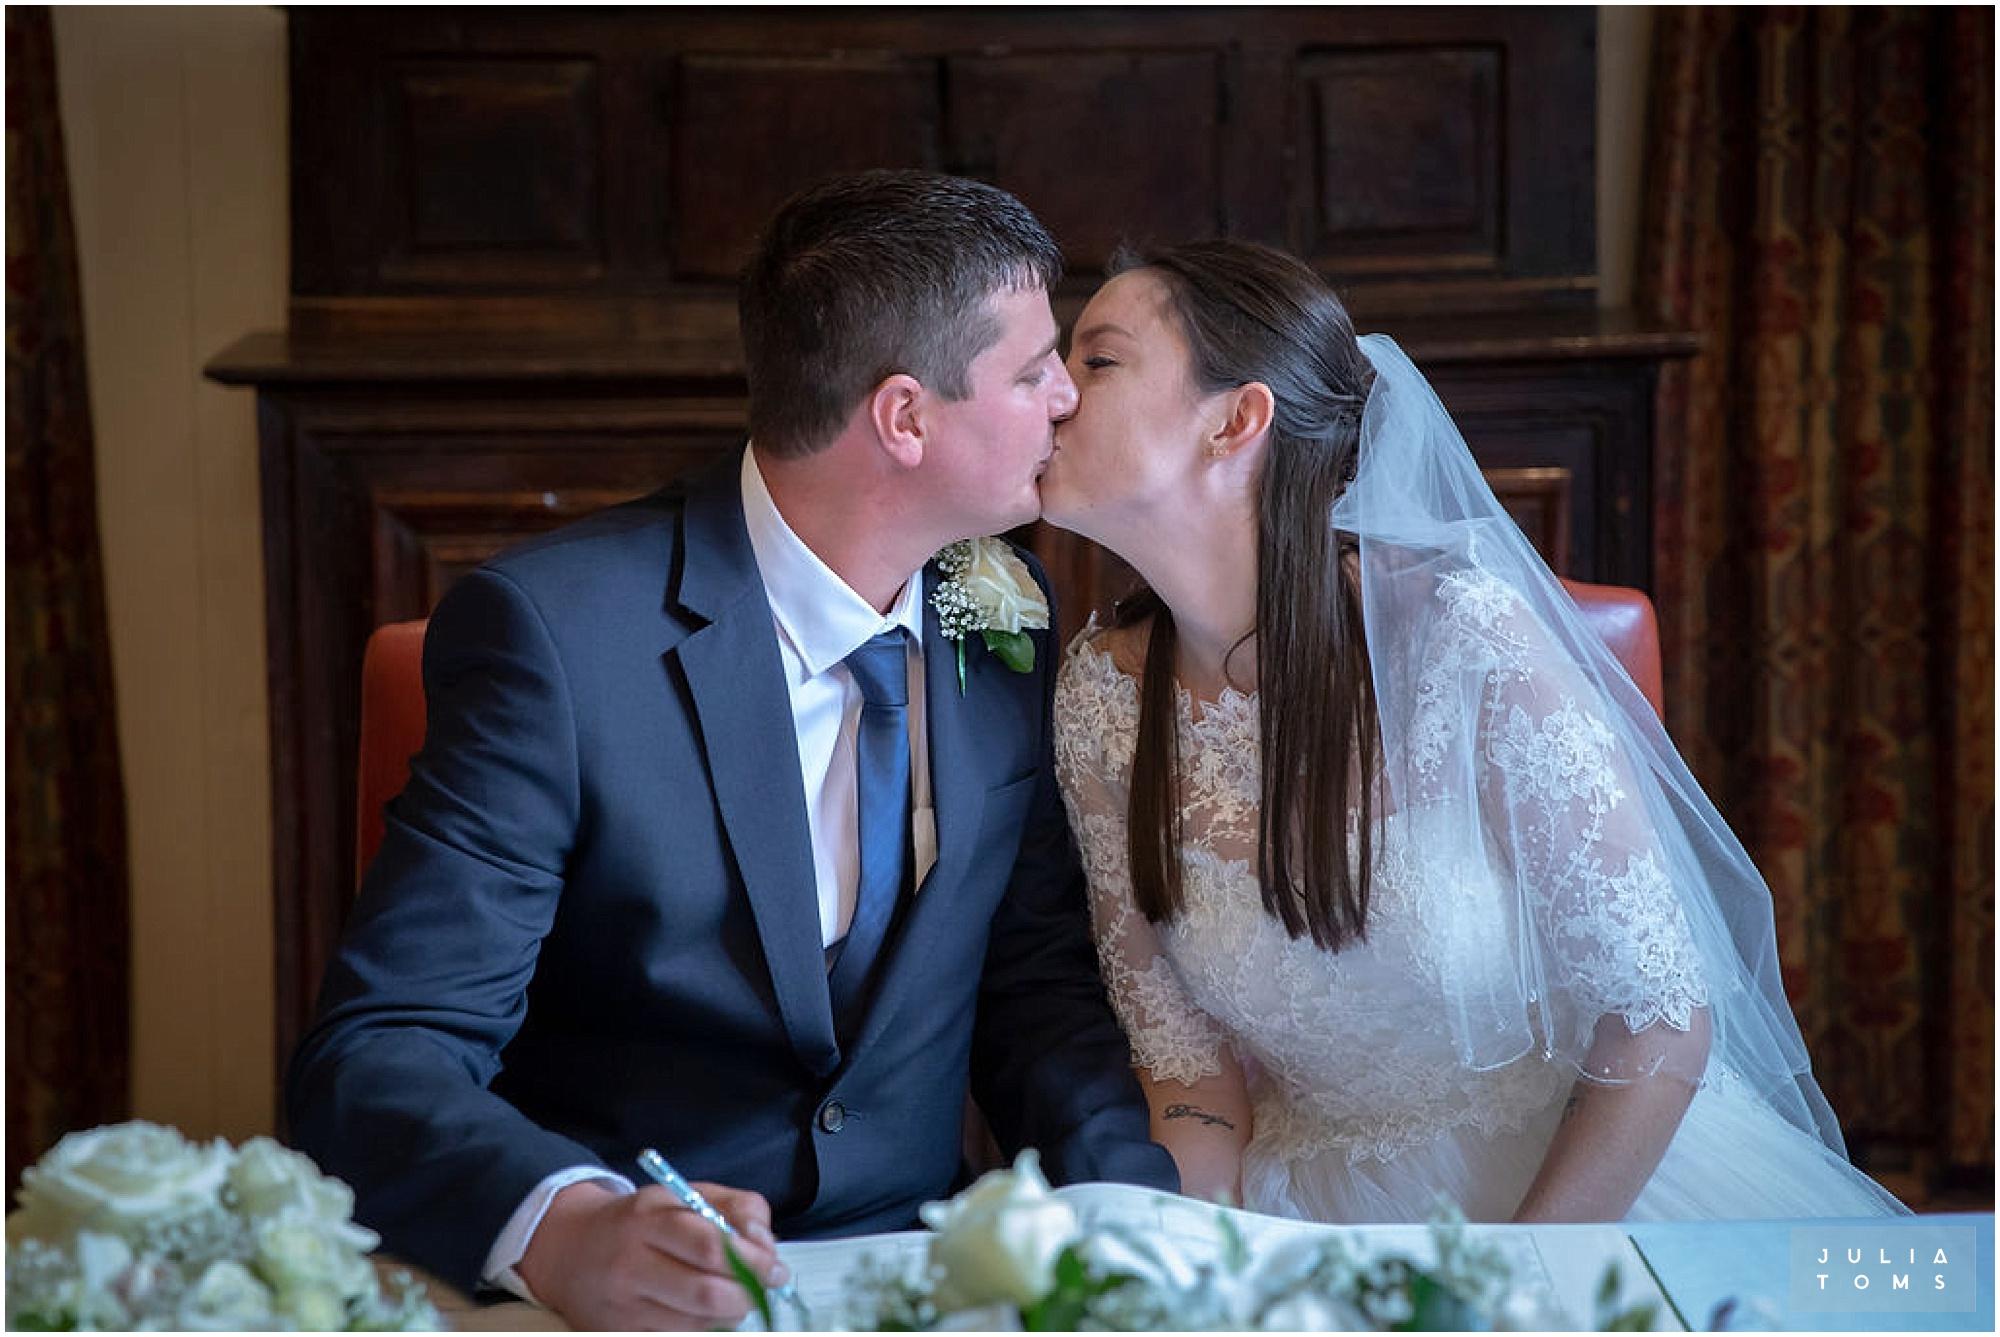 amberley_castle_wedding_photographer_025.jpg